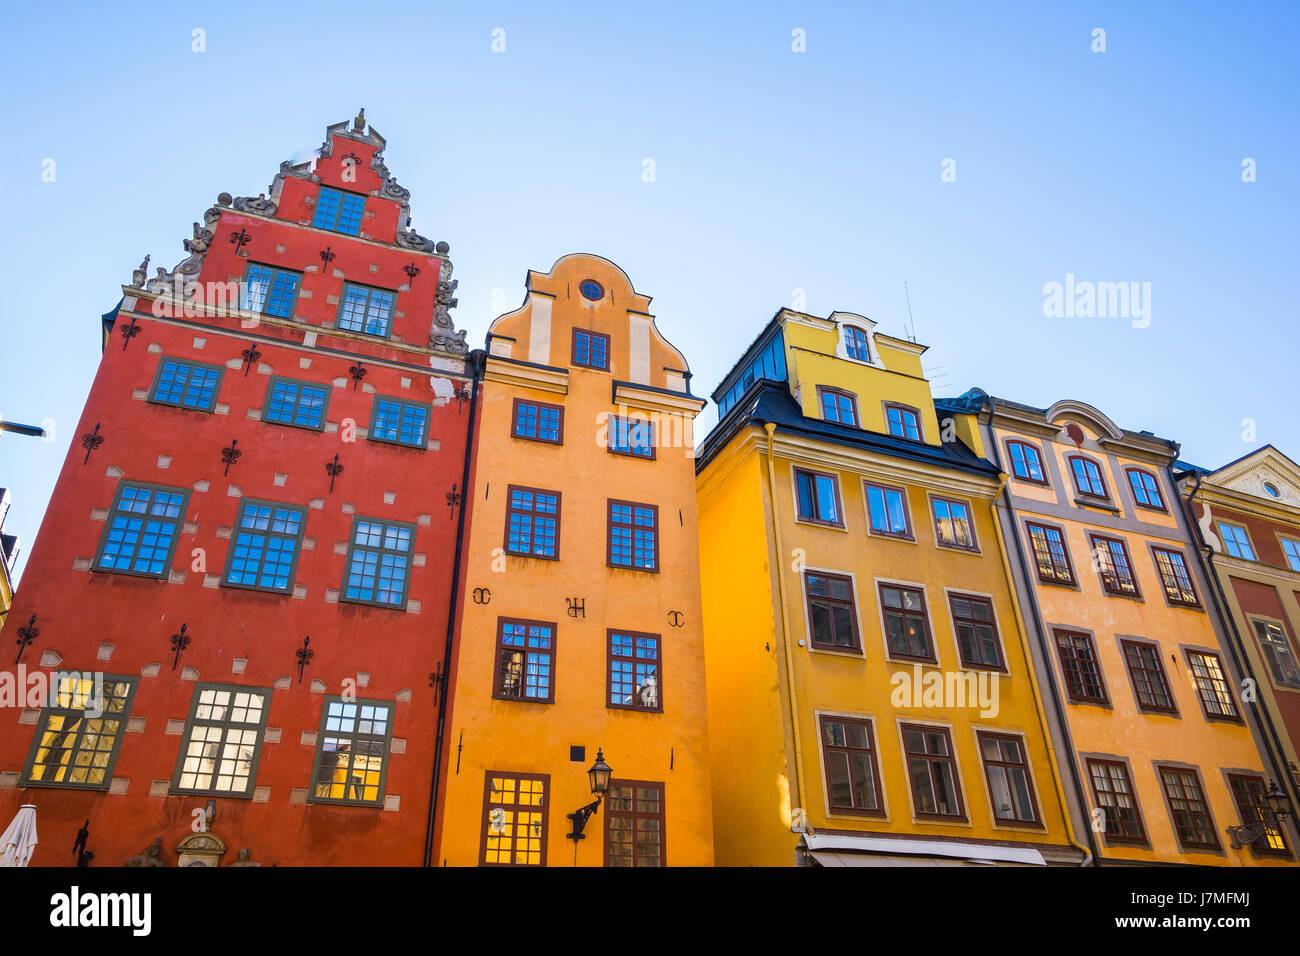 Stoccolma, Svezia - 4 Maggio 2017: Gamla Stan, la Città Vecchia, è uno dei più grandi e meglio conservate città medievali centri in Europa e uno dei fo Foto Stock